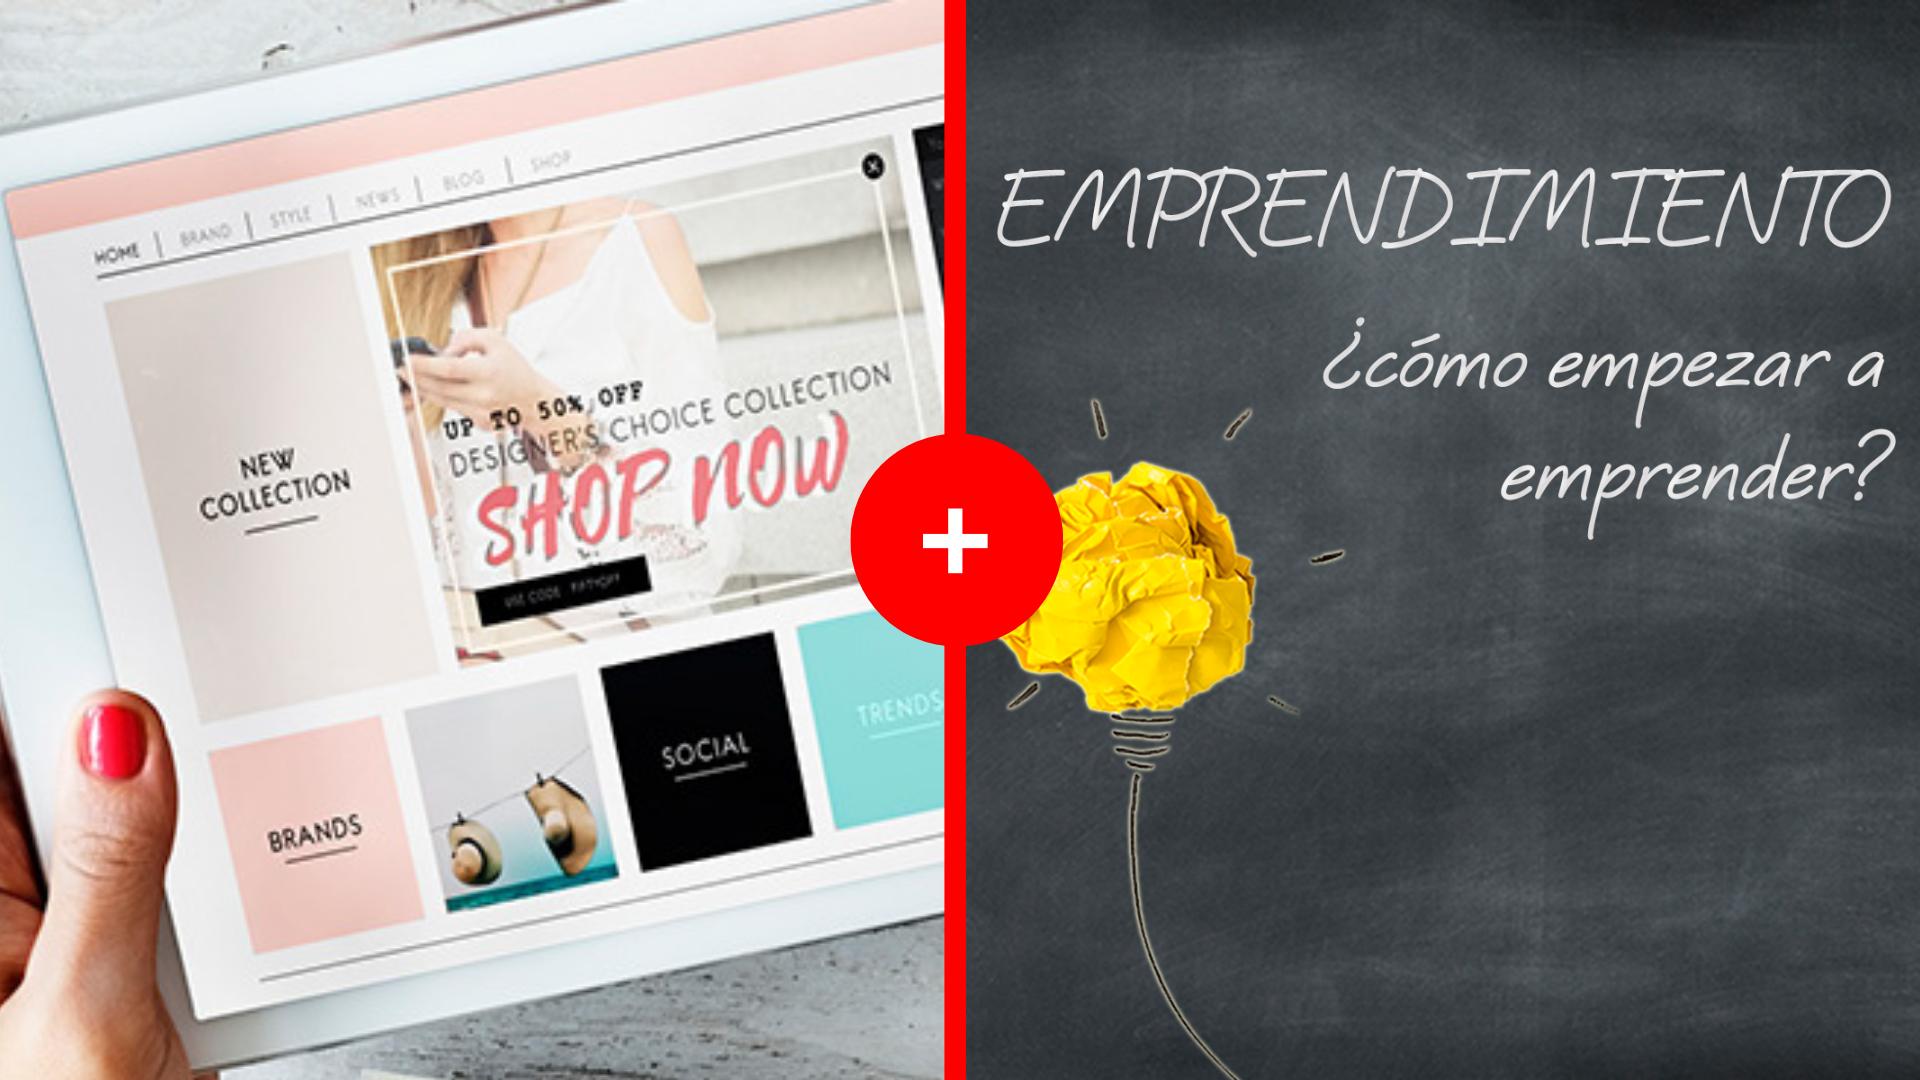 Curso de eCommerce + Curso de Emprendimiento